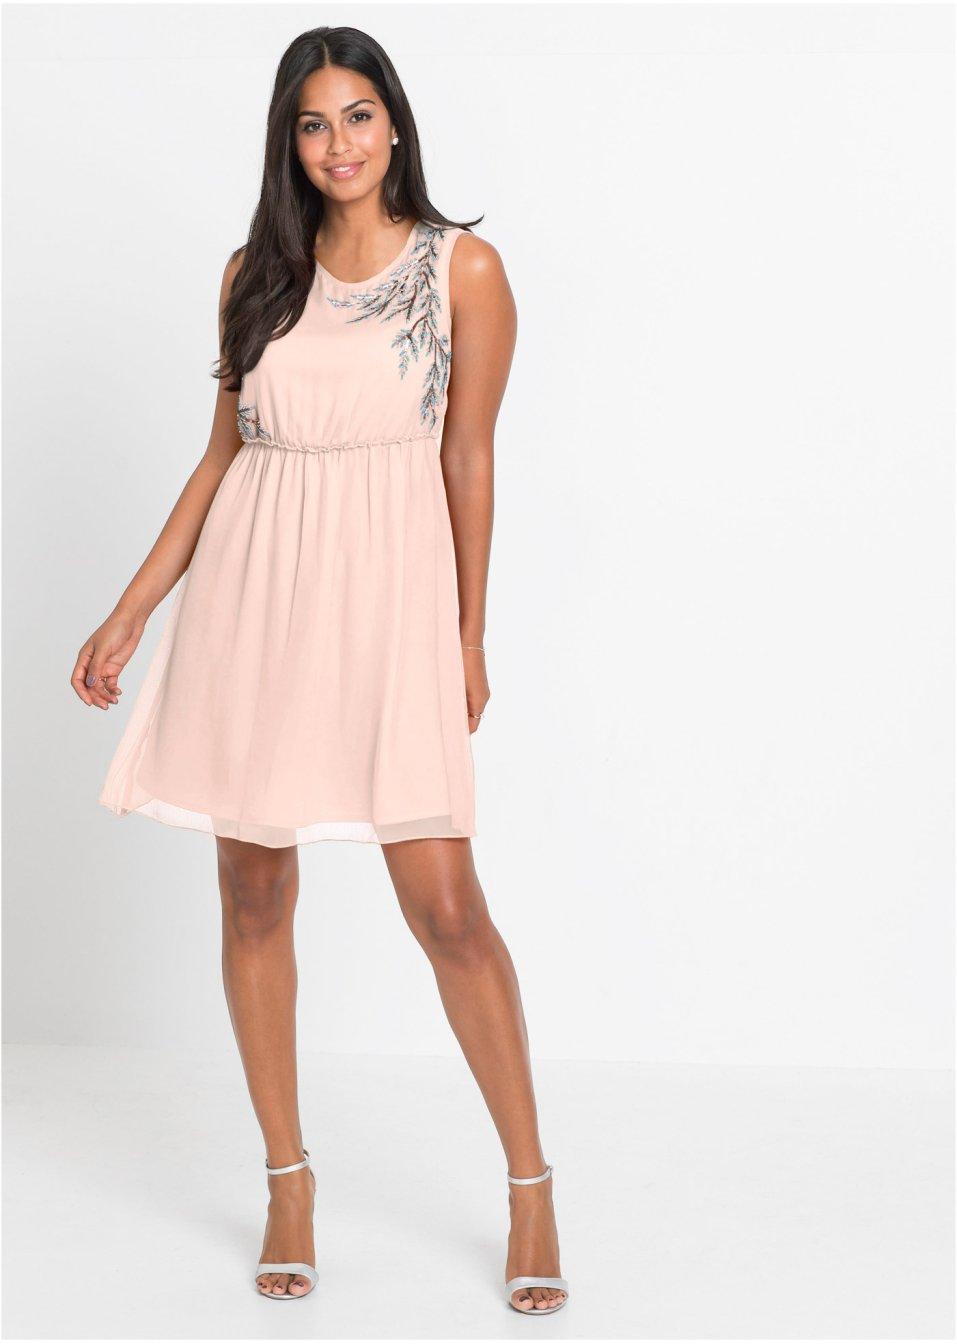 Šaty s perličkovou aplikací růžová - BODYFLIRT objednat online - bonprix.cz 5cc4f55fd5